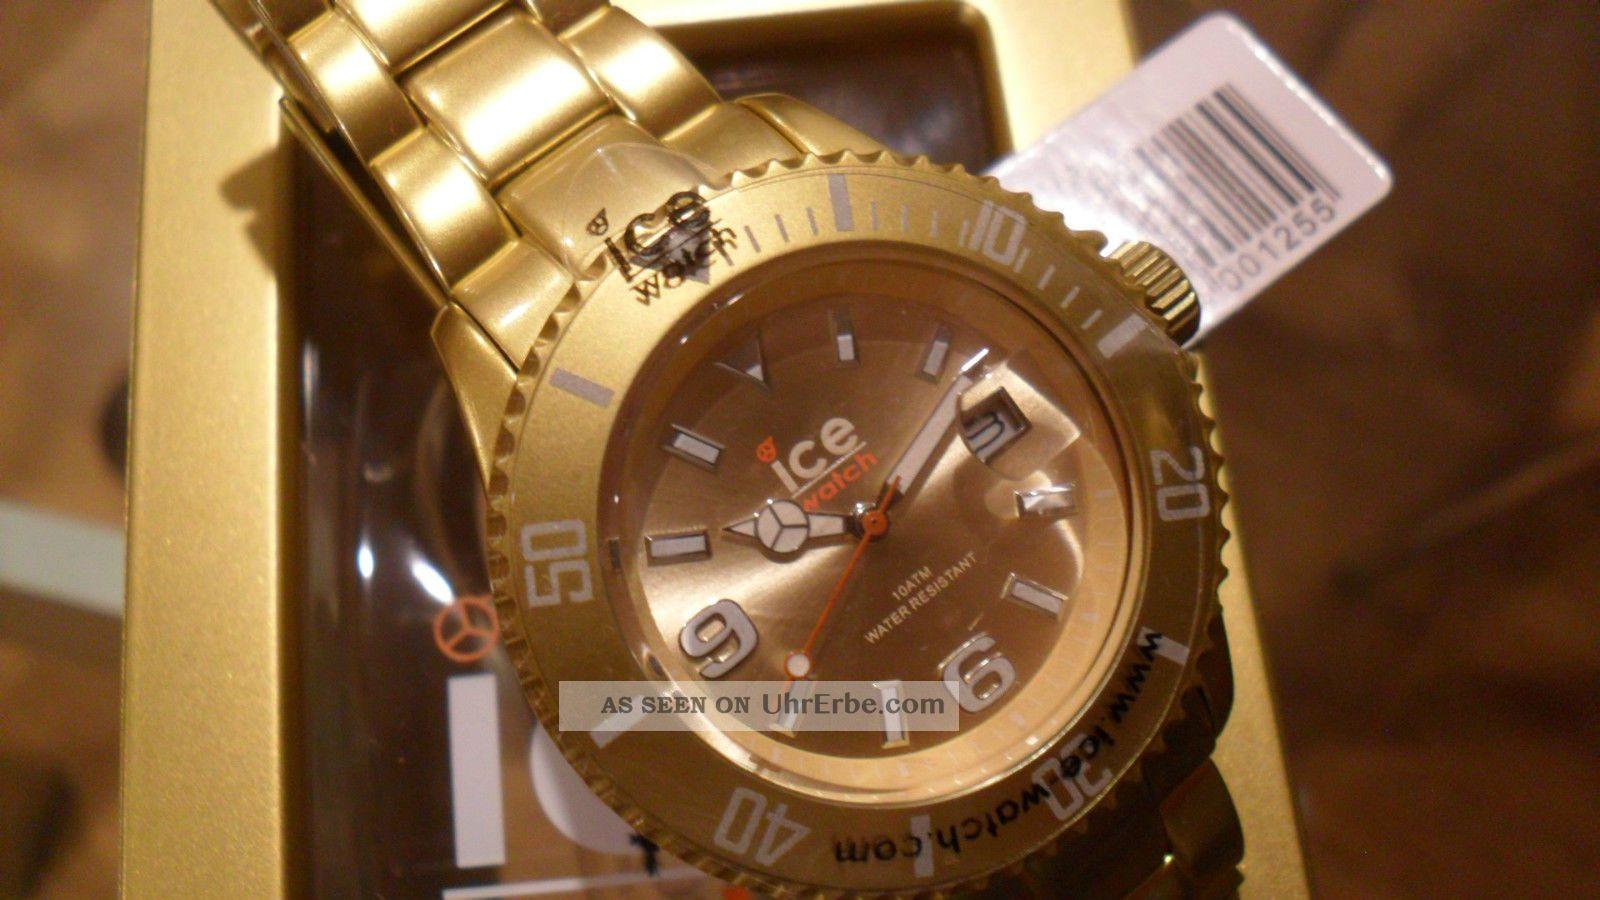 Ice Watch Unisex Armband Uhr Aluminium Analog Quarz Uhr Farbe Gold In Ovp Armbanduhren Bild